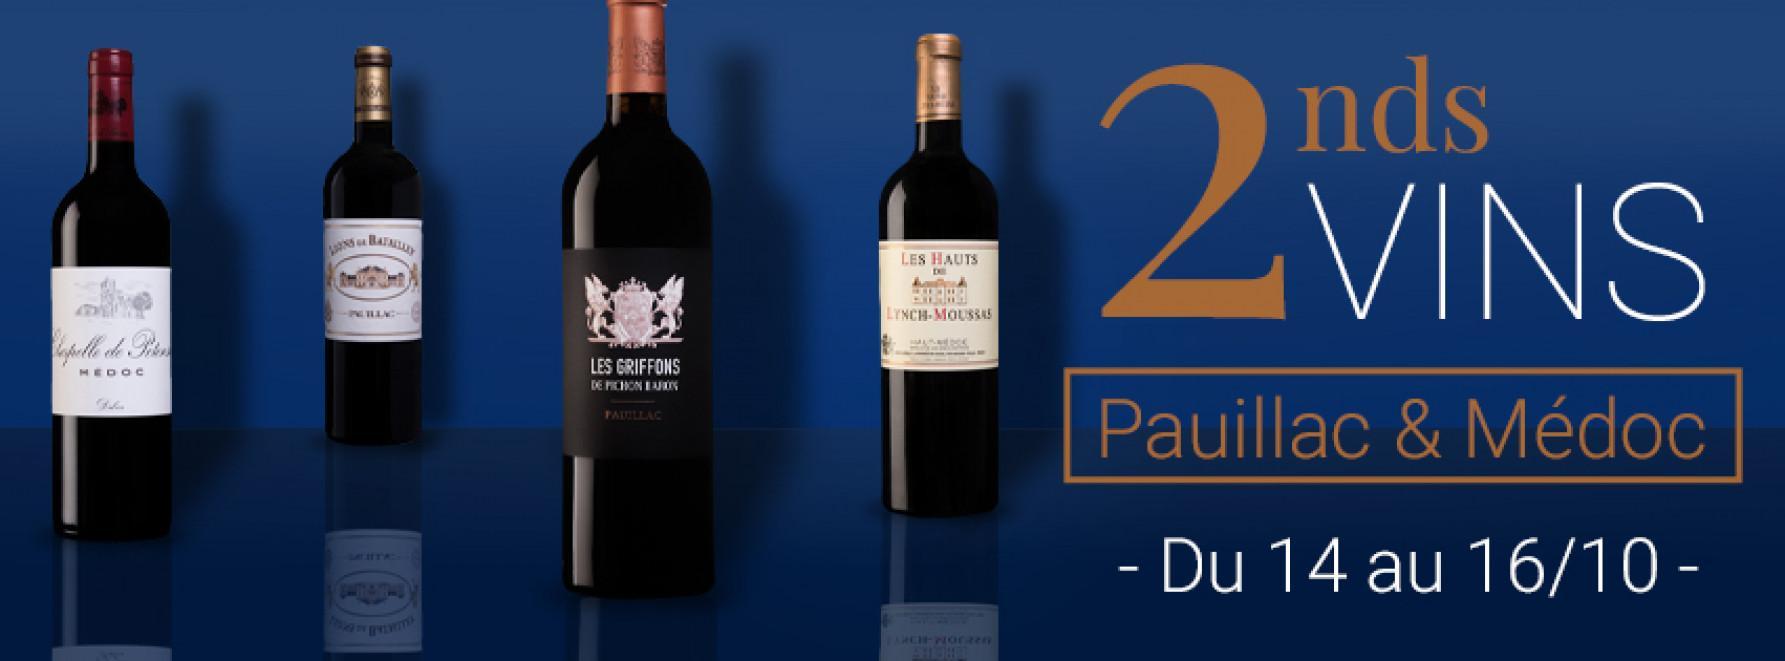 2nds Vins Paullac & Médoc